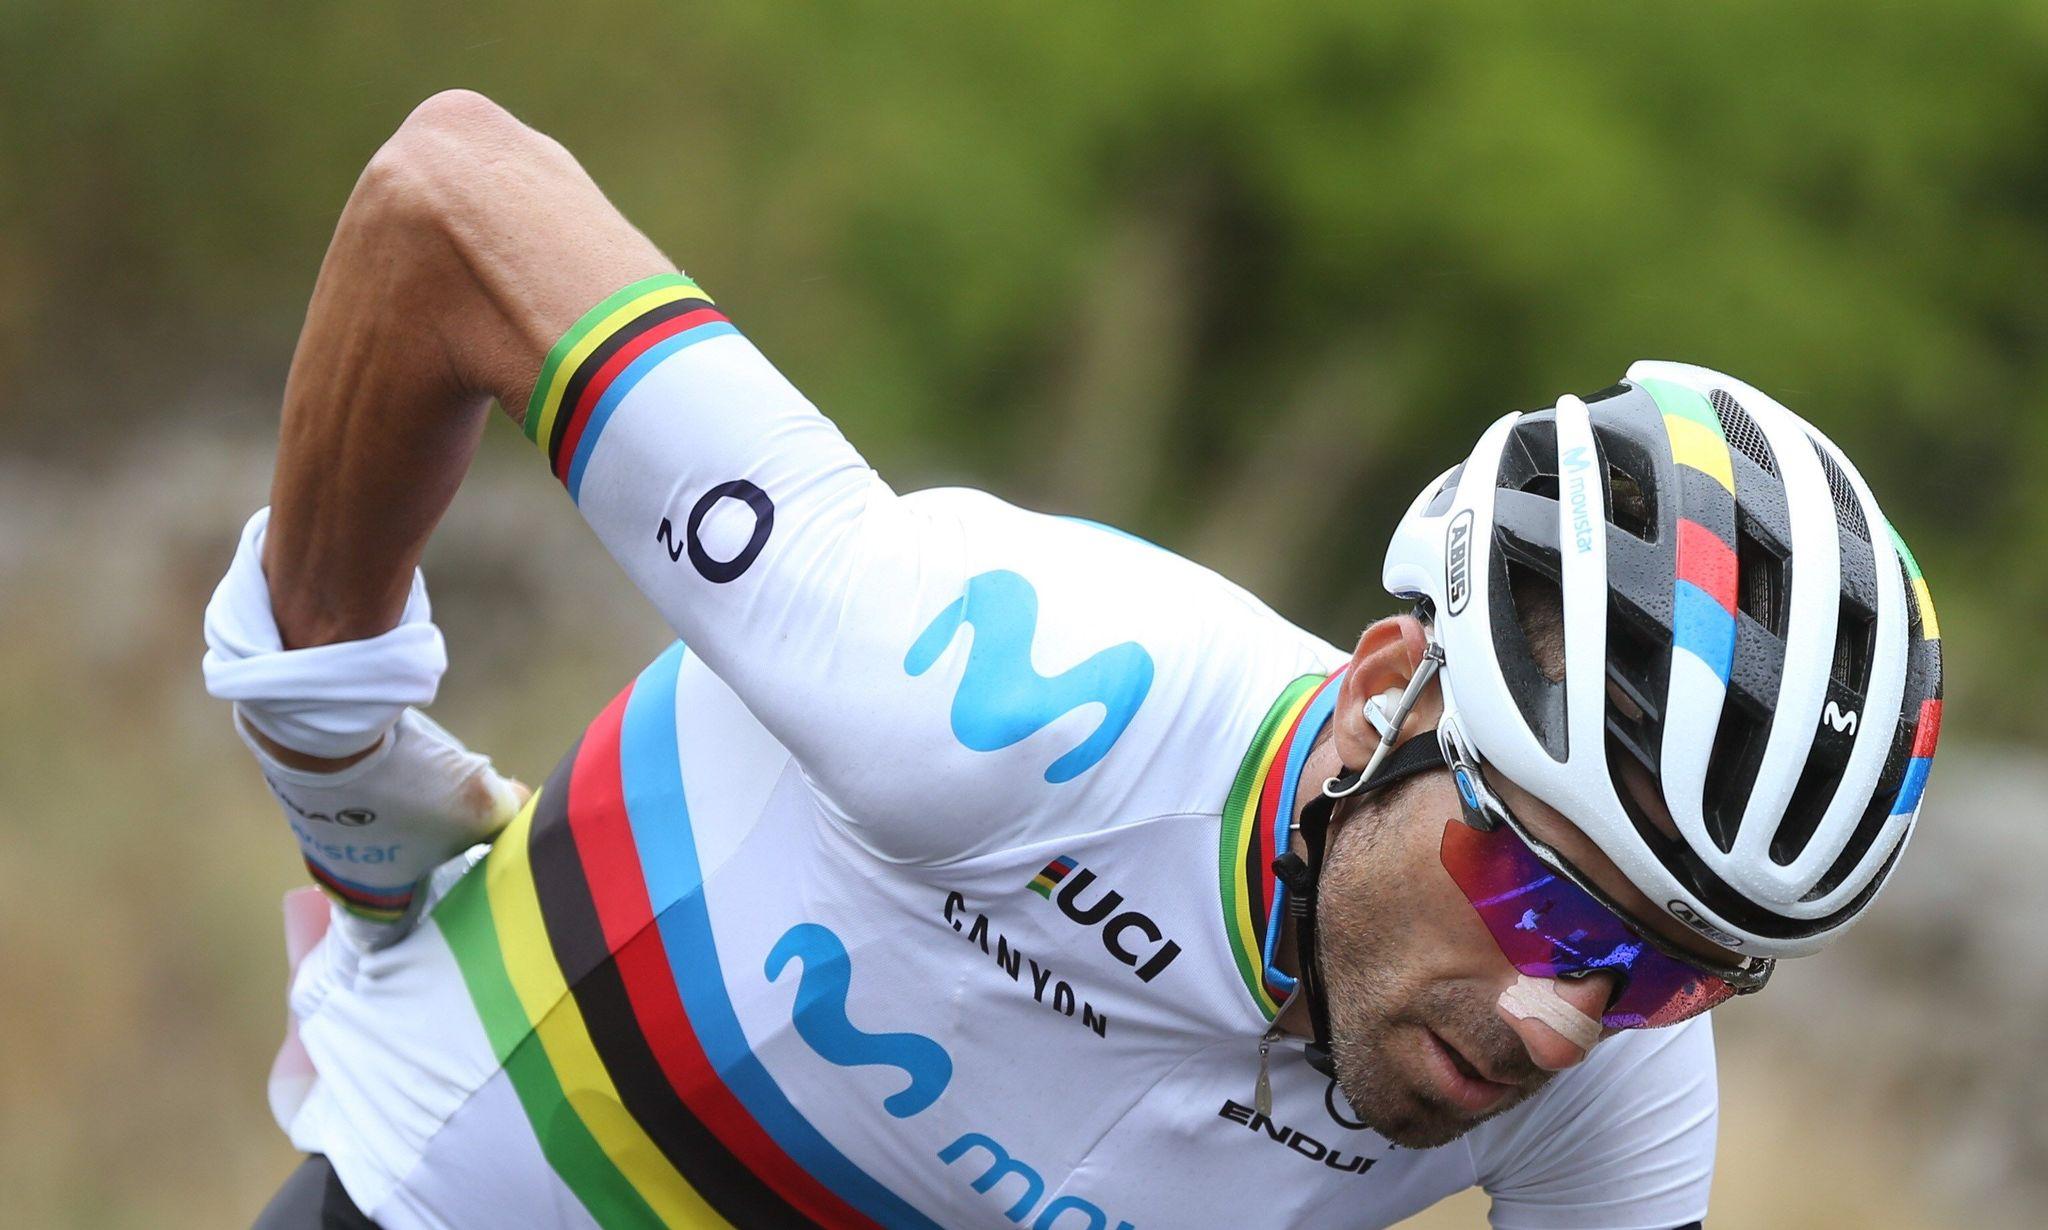 GRAF2280. ARENAS DE SAN PEDRO (ÁVILA), 14/09/2019.- El ciclista murciano, Campeón del Mundo, del equipo Movistar, <HIT>Alejandro</HIT><HIT>Valverde</HIT>, durante la vigésimo etapa de la Vuelta a España 2019, que ha partido de la localidad abulense de Arenas de San Pedro y finaliza en la Plataforma de Gredos, tras 190,4 kilómetros de recorrido. EFE/Javier Lizón